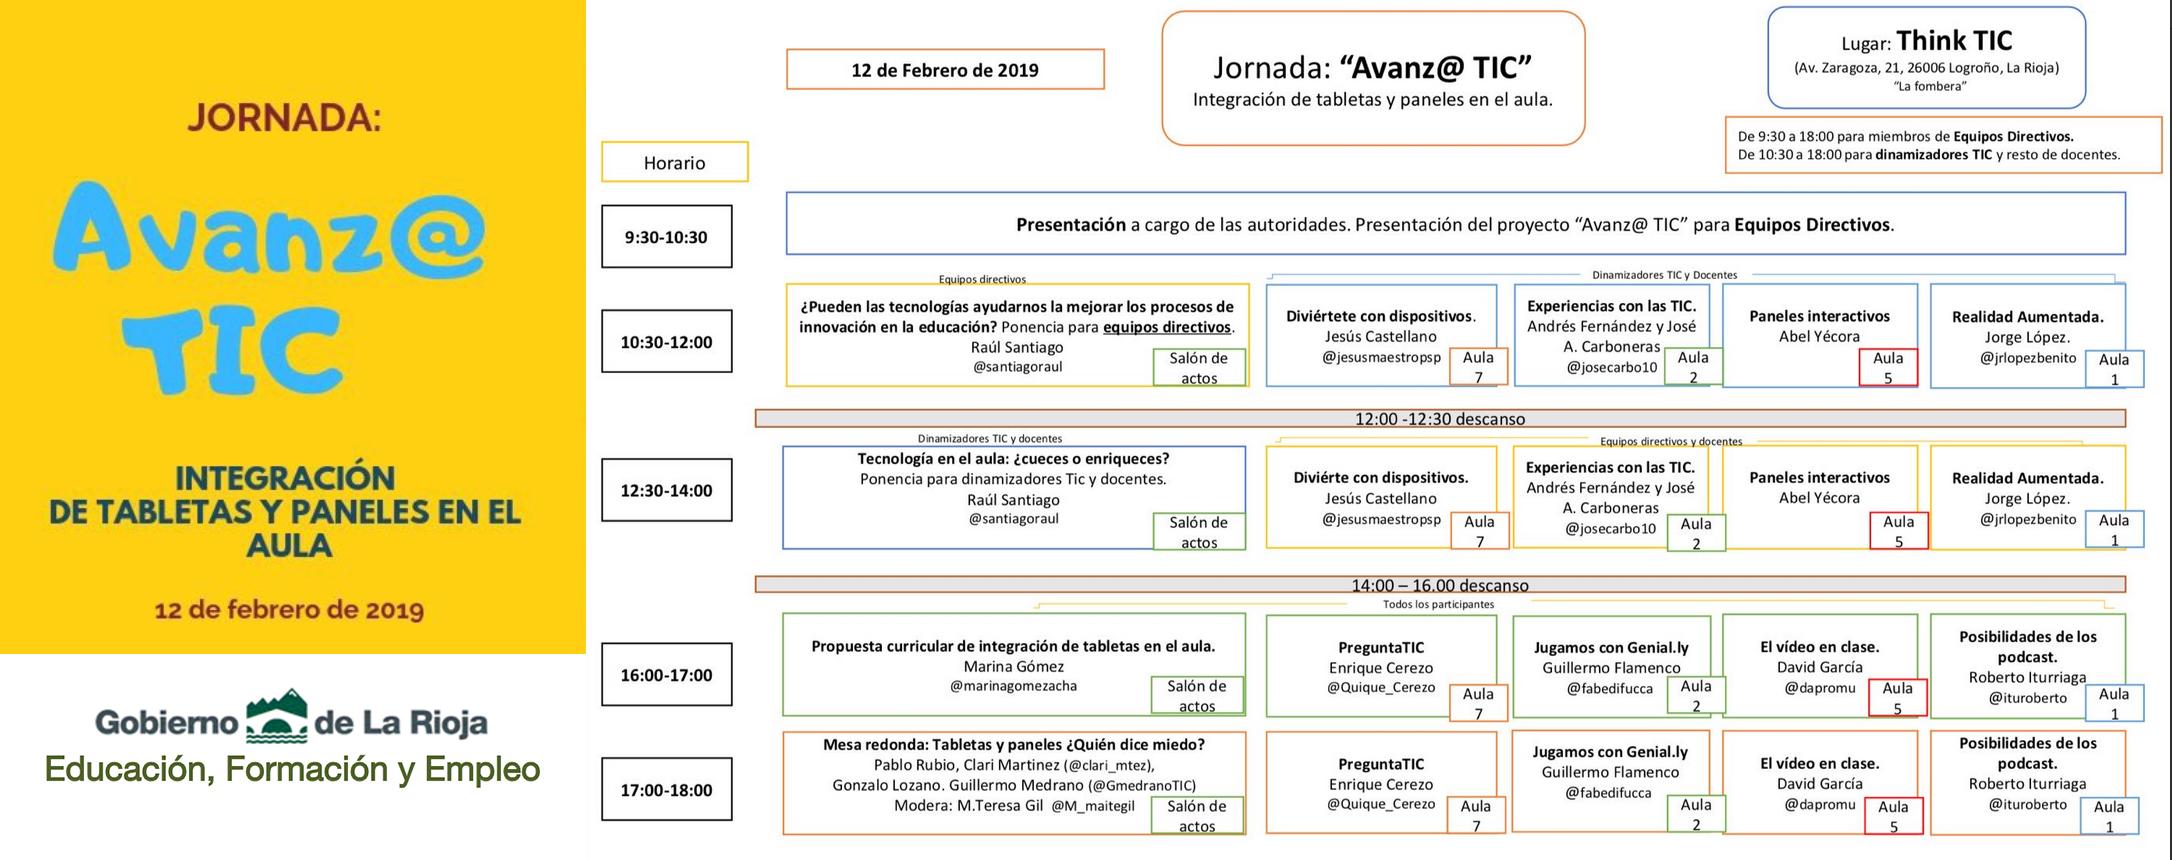 Agenda de Anvaz@ con TIC